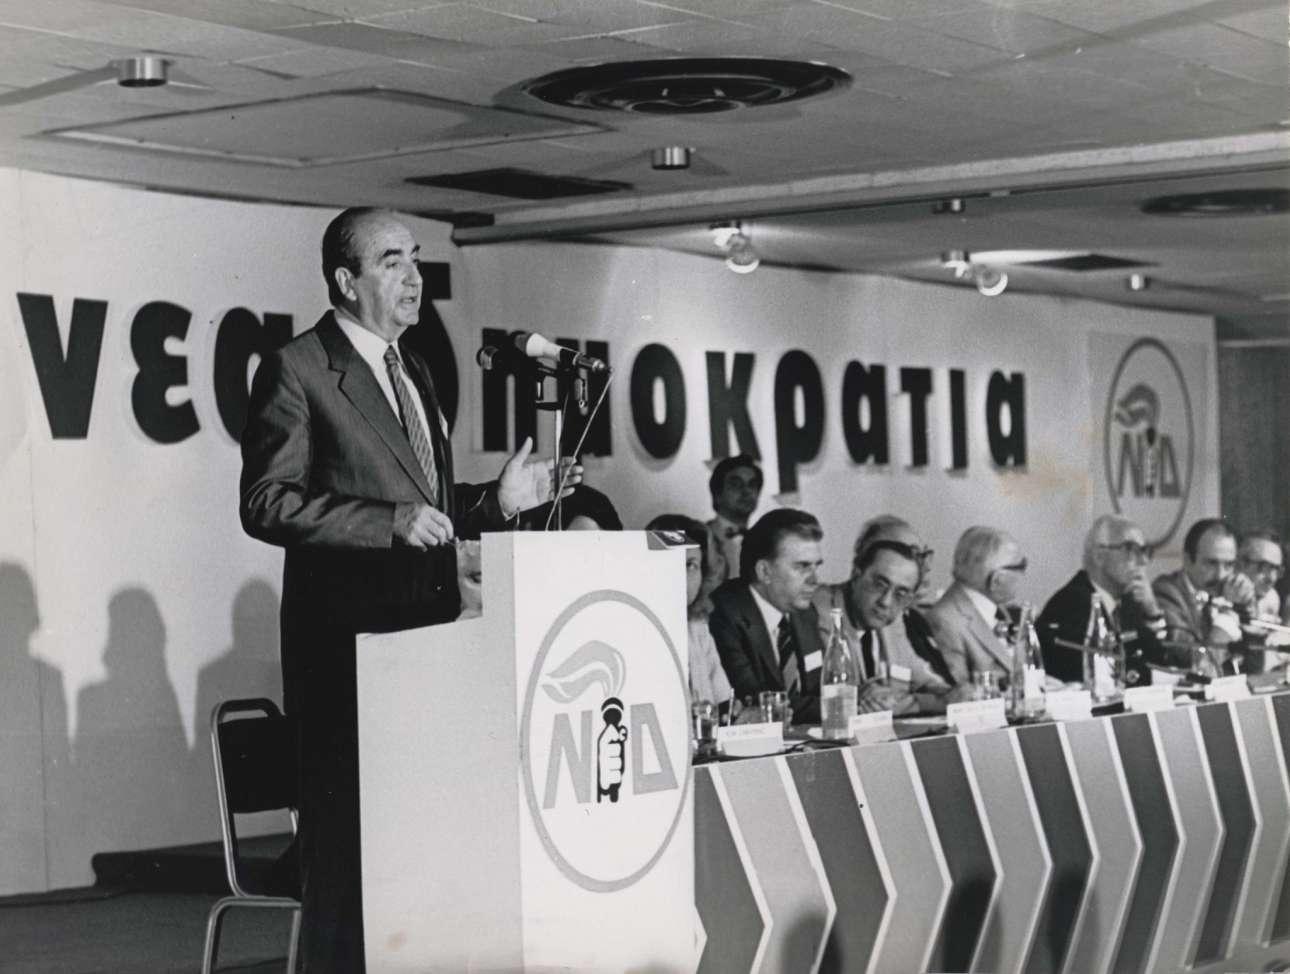 Στο βήμα του 9ου Περιφερειακού Συνεδρίου της Νέας Δημοκρατίας στην Αλεξανδρούπολη, 20 Σεπτεμβρίου του 1980.